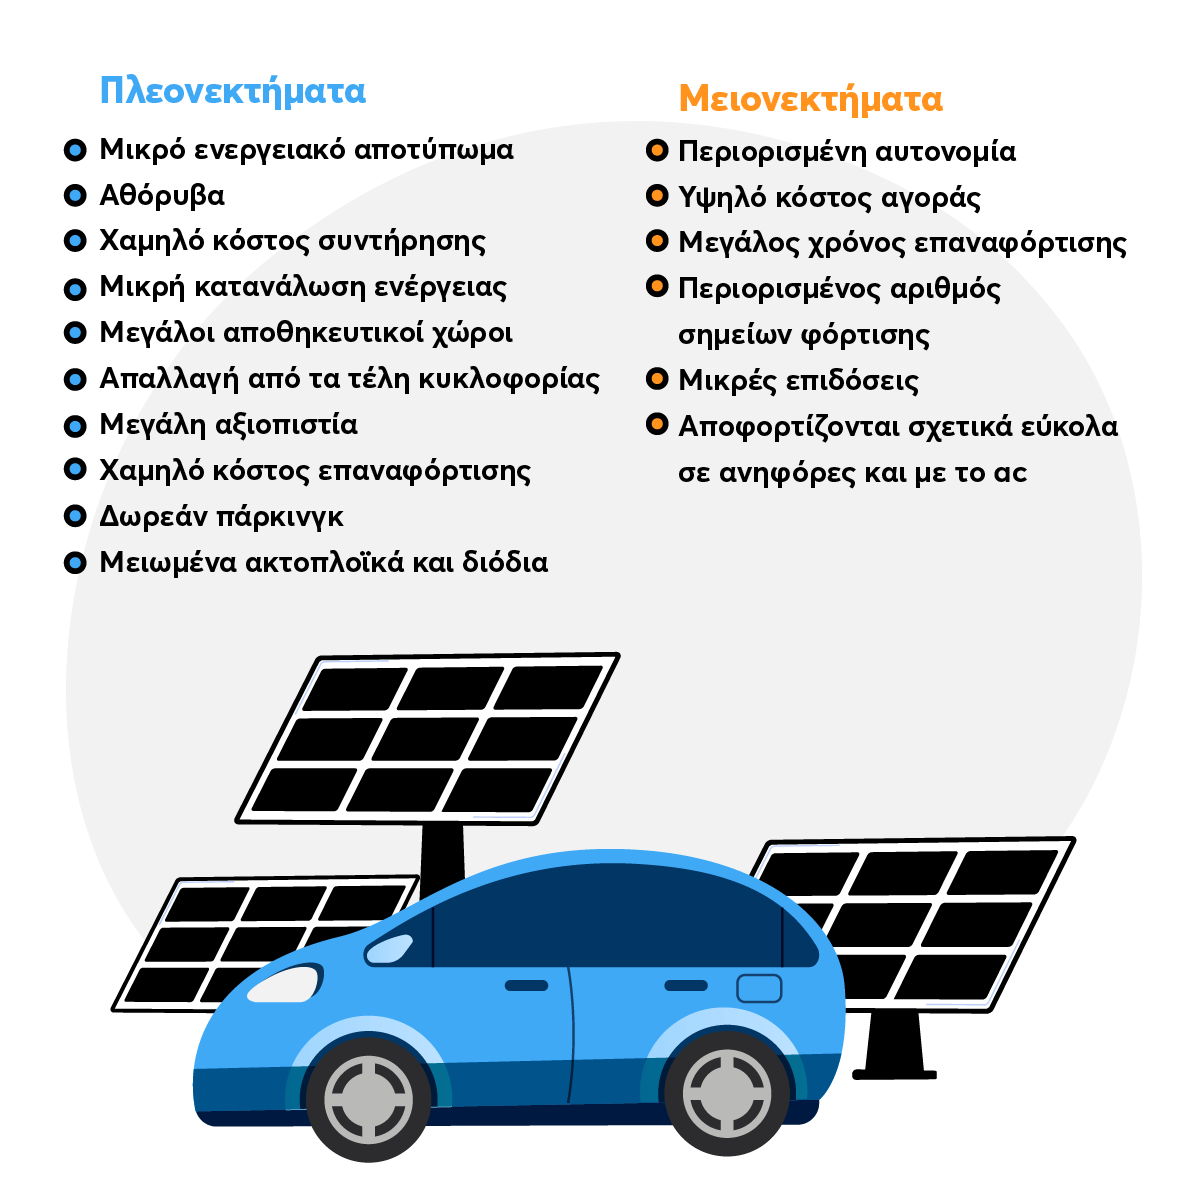 design με πλεονεκτήματα και μειονεκτήματα των ηλεκτρικών αυτοκινήτων